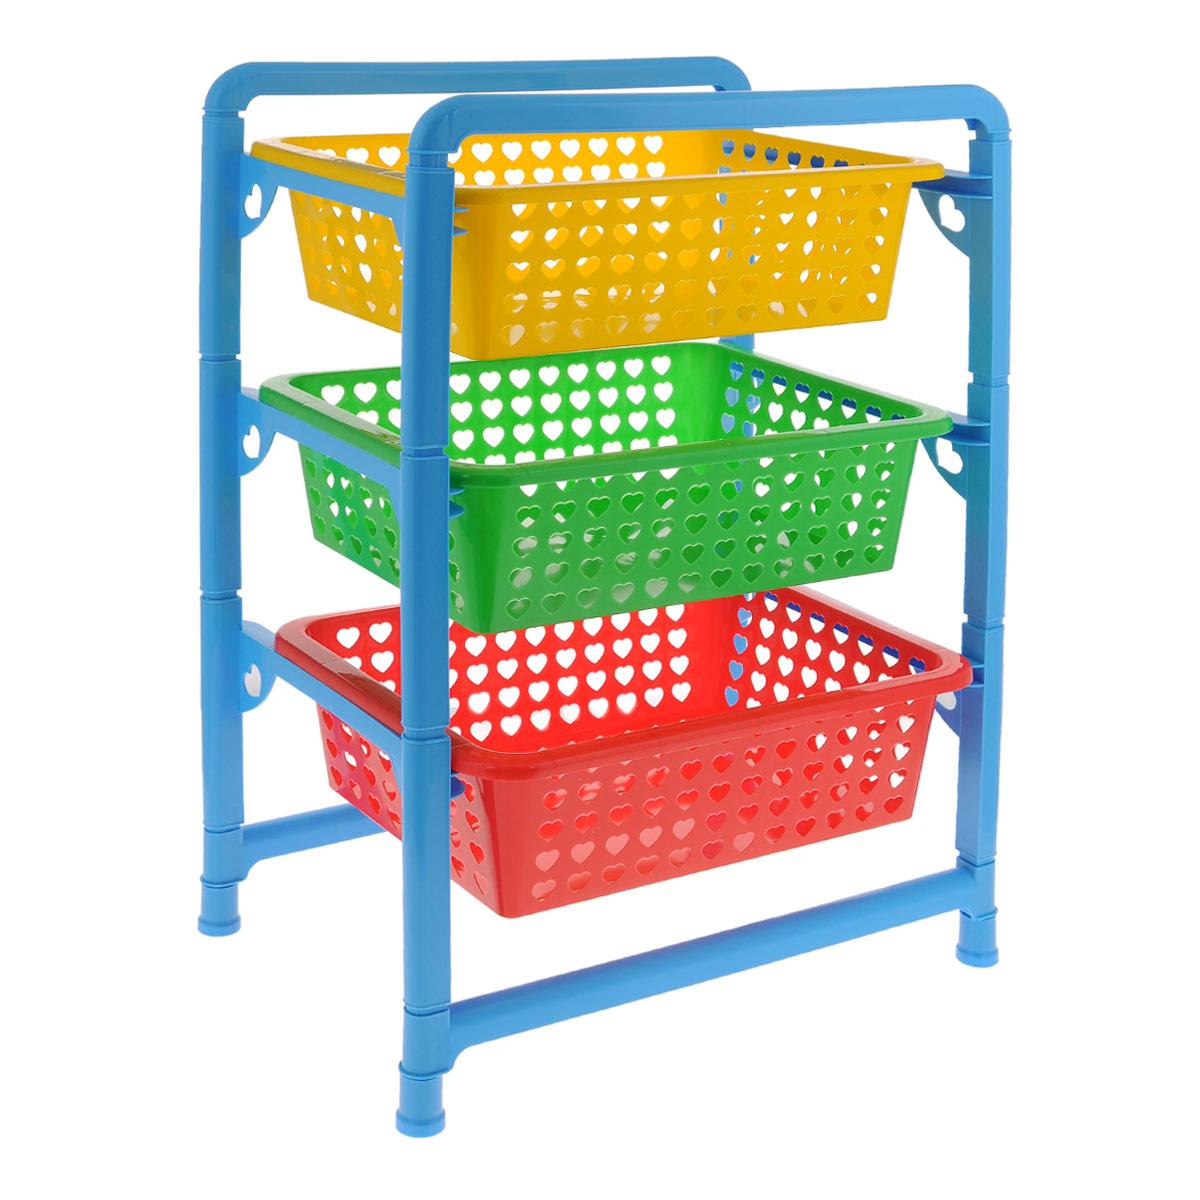 Этажерка для игрушек Альтернатива, 3-х секционная, 45 см х 31 см х 64 смМ1273Этажерка для игрушек Альтернатива выполнена из высококачественного прочного пластика. Разноцветные ящики украшены перфорацией в виде сердечек. Этажерка содержит три секции для хранения игрушек. Быстро складывается и раскладывается. Этажерка - идеальное решение для детской комнаты. Она поможет поддерживать чистоту в детской и хранить игрушки в порядке, а стильный дизайн сделает этажерку ярким украшением интерьера. Размер этажерки (ДхШхВ): 45 см х 31 см х 64 см. Размер ящика (ДхШхВ): 40 см х 30 см х 12 см.